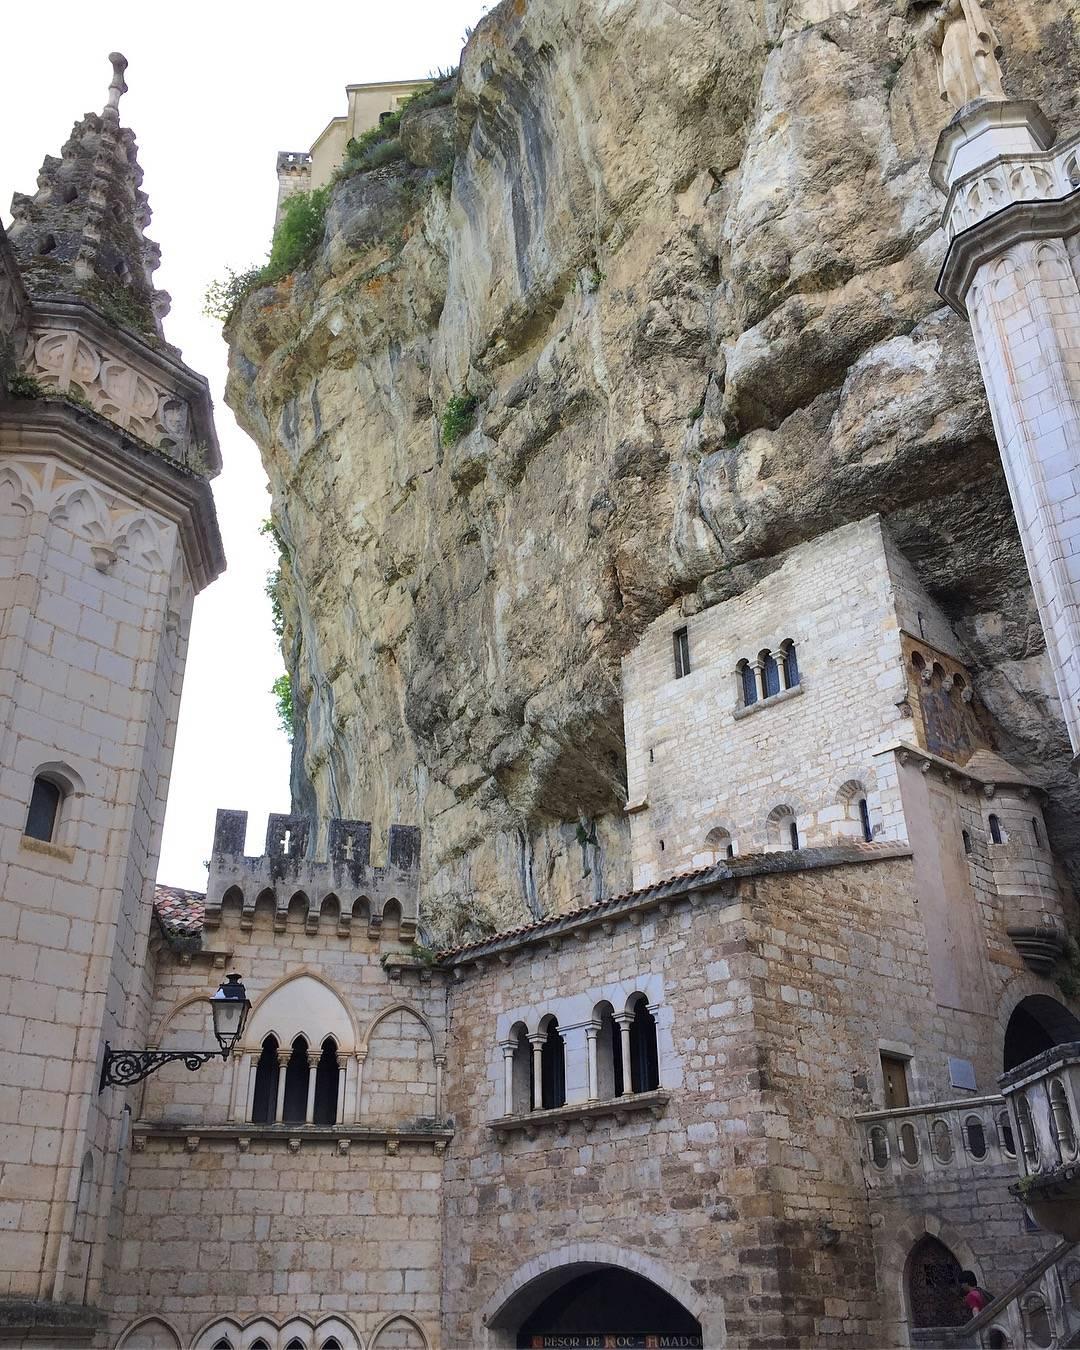 Photo 3: Découverte de Rocamadour !